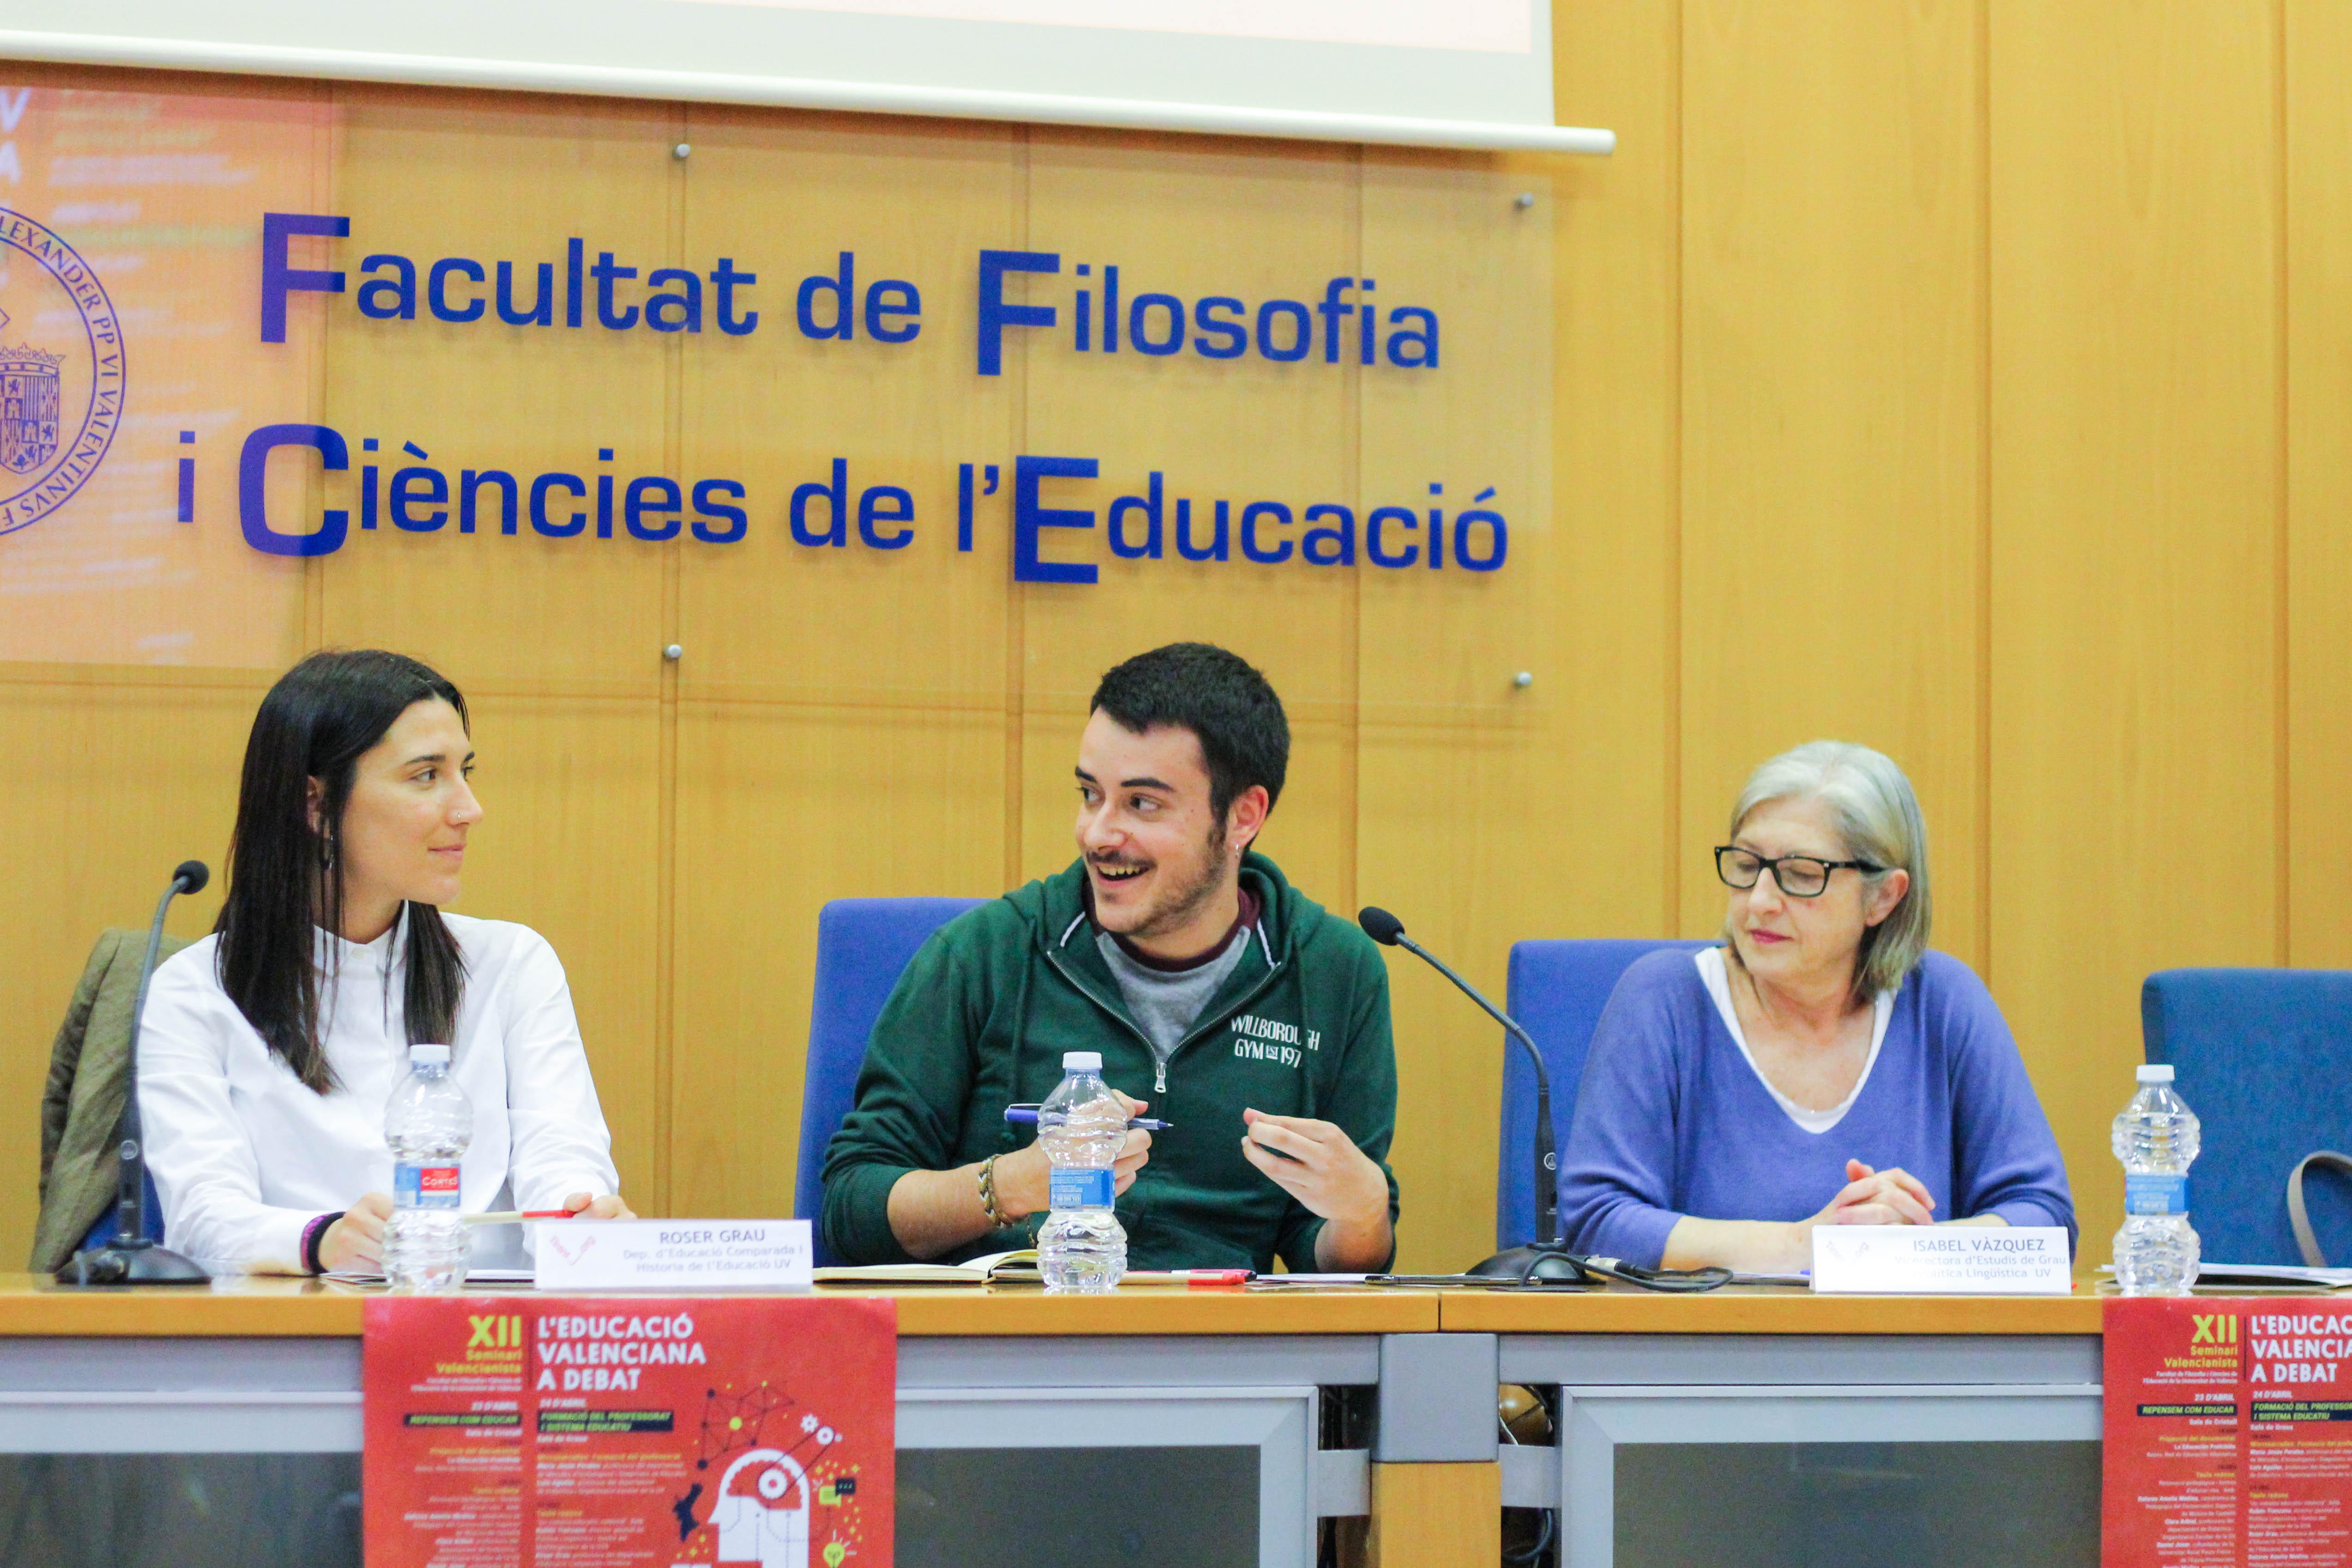 [VÍDEO-RESUM] XII Seminari Valencianista. L'educació valenciana a debat